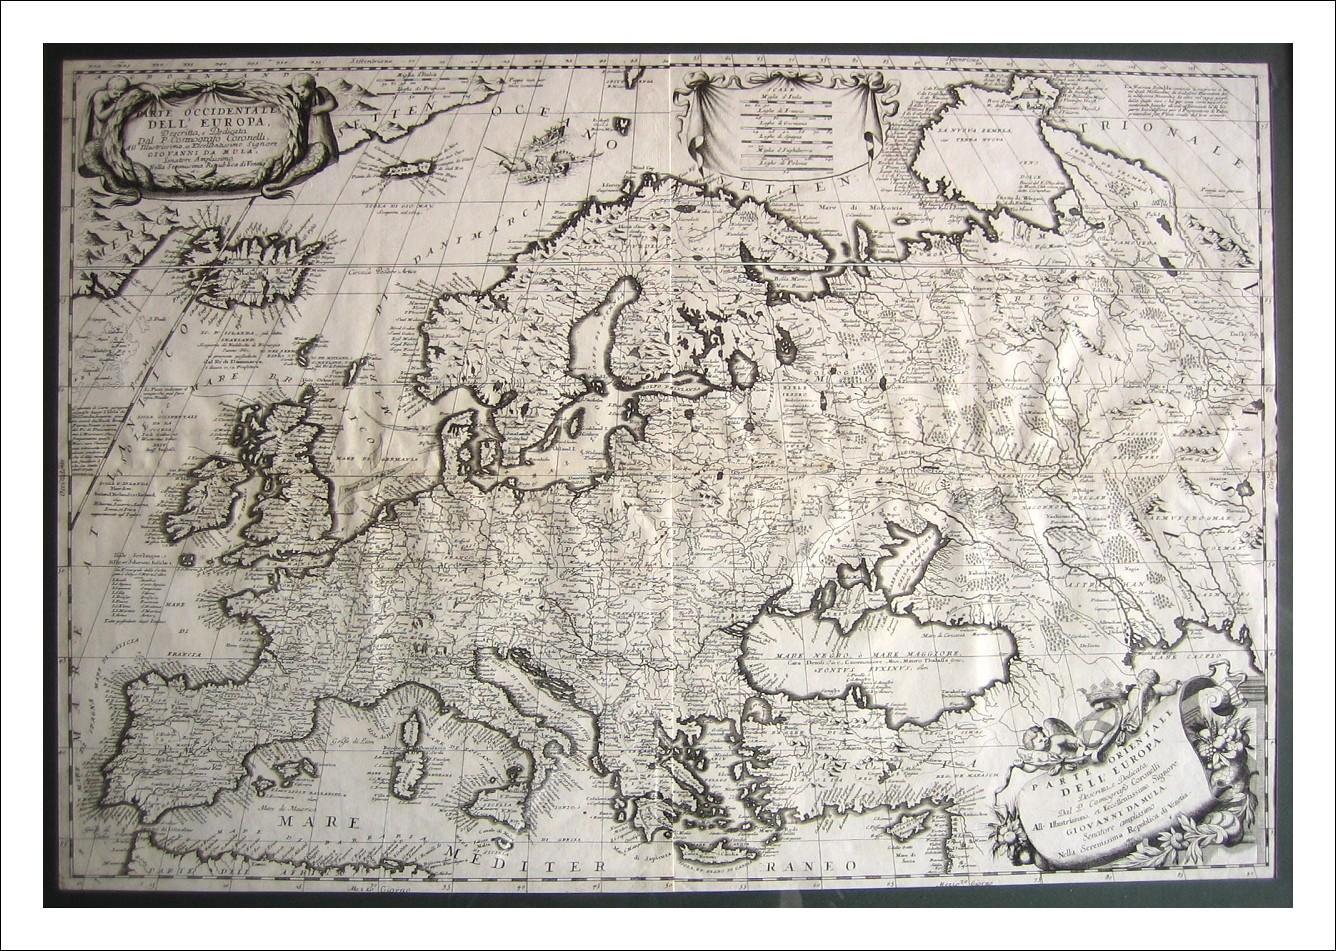 V,M, CORONELLI - VENEZIA 1690 - Due fogli intonsi, Incorniciati insieme-